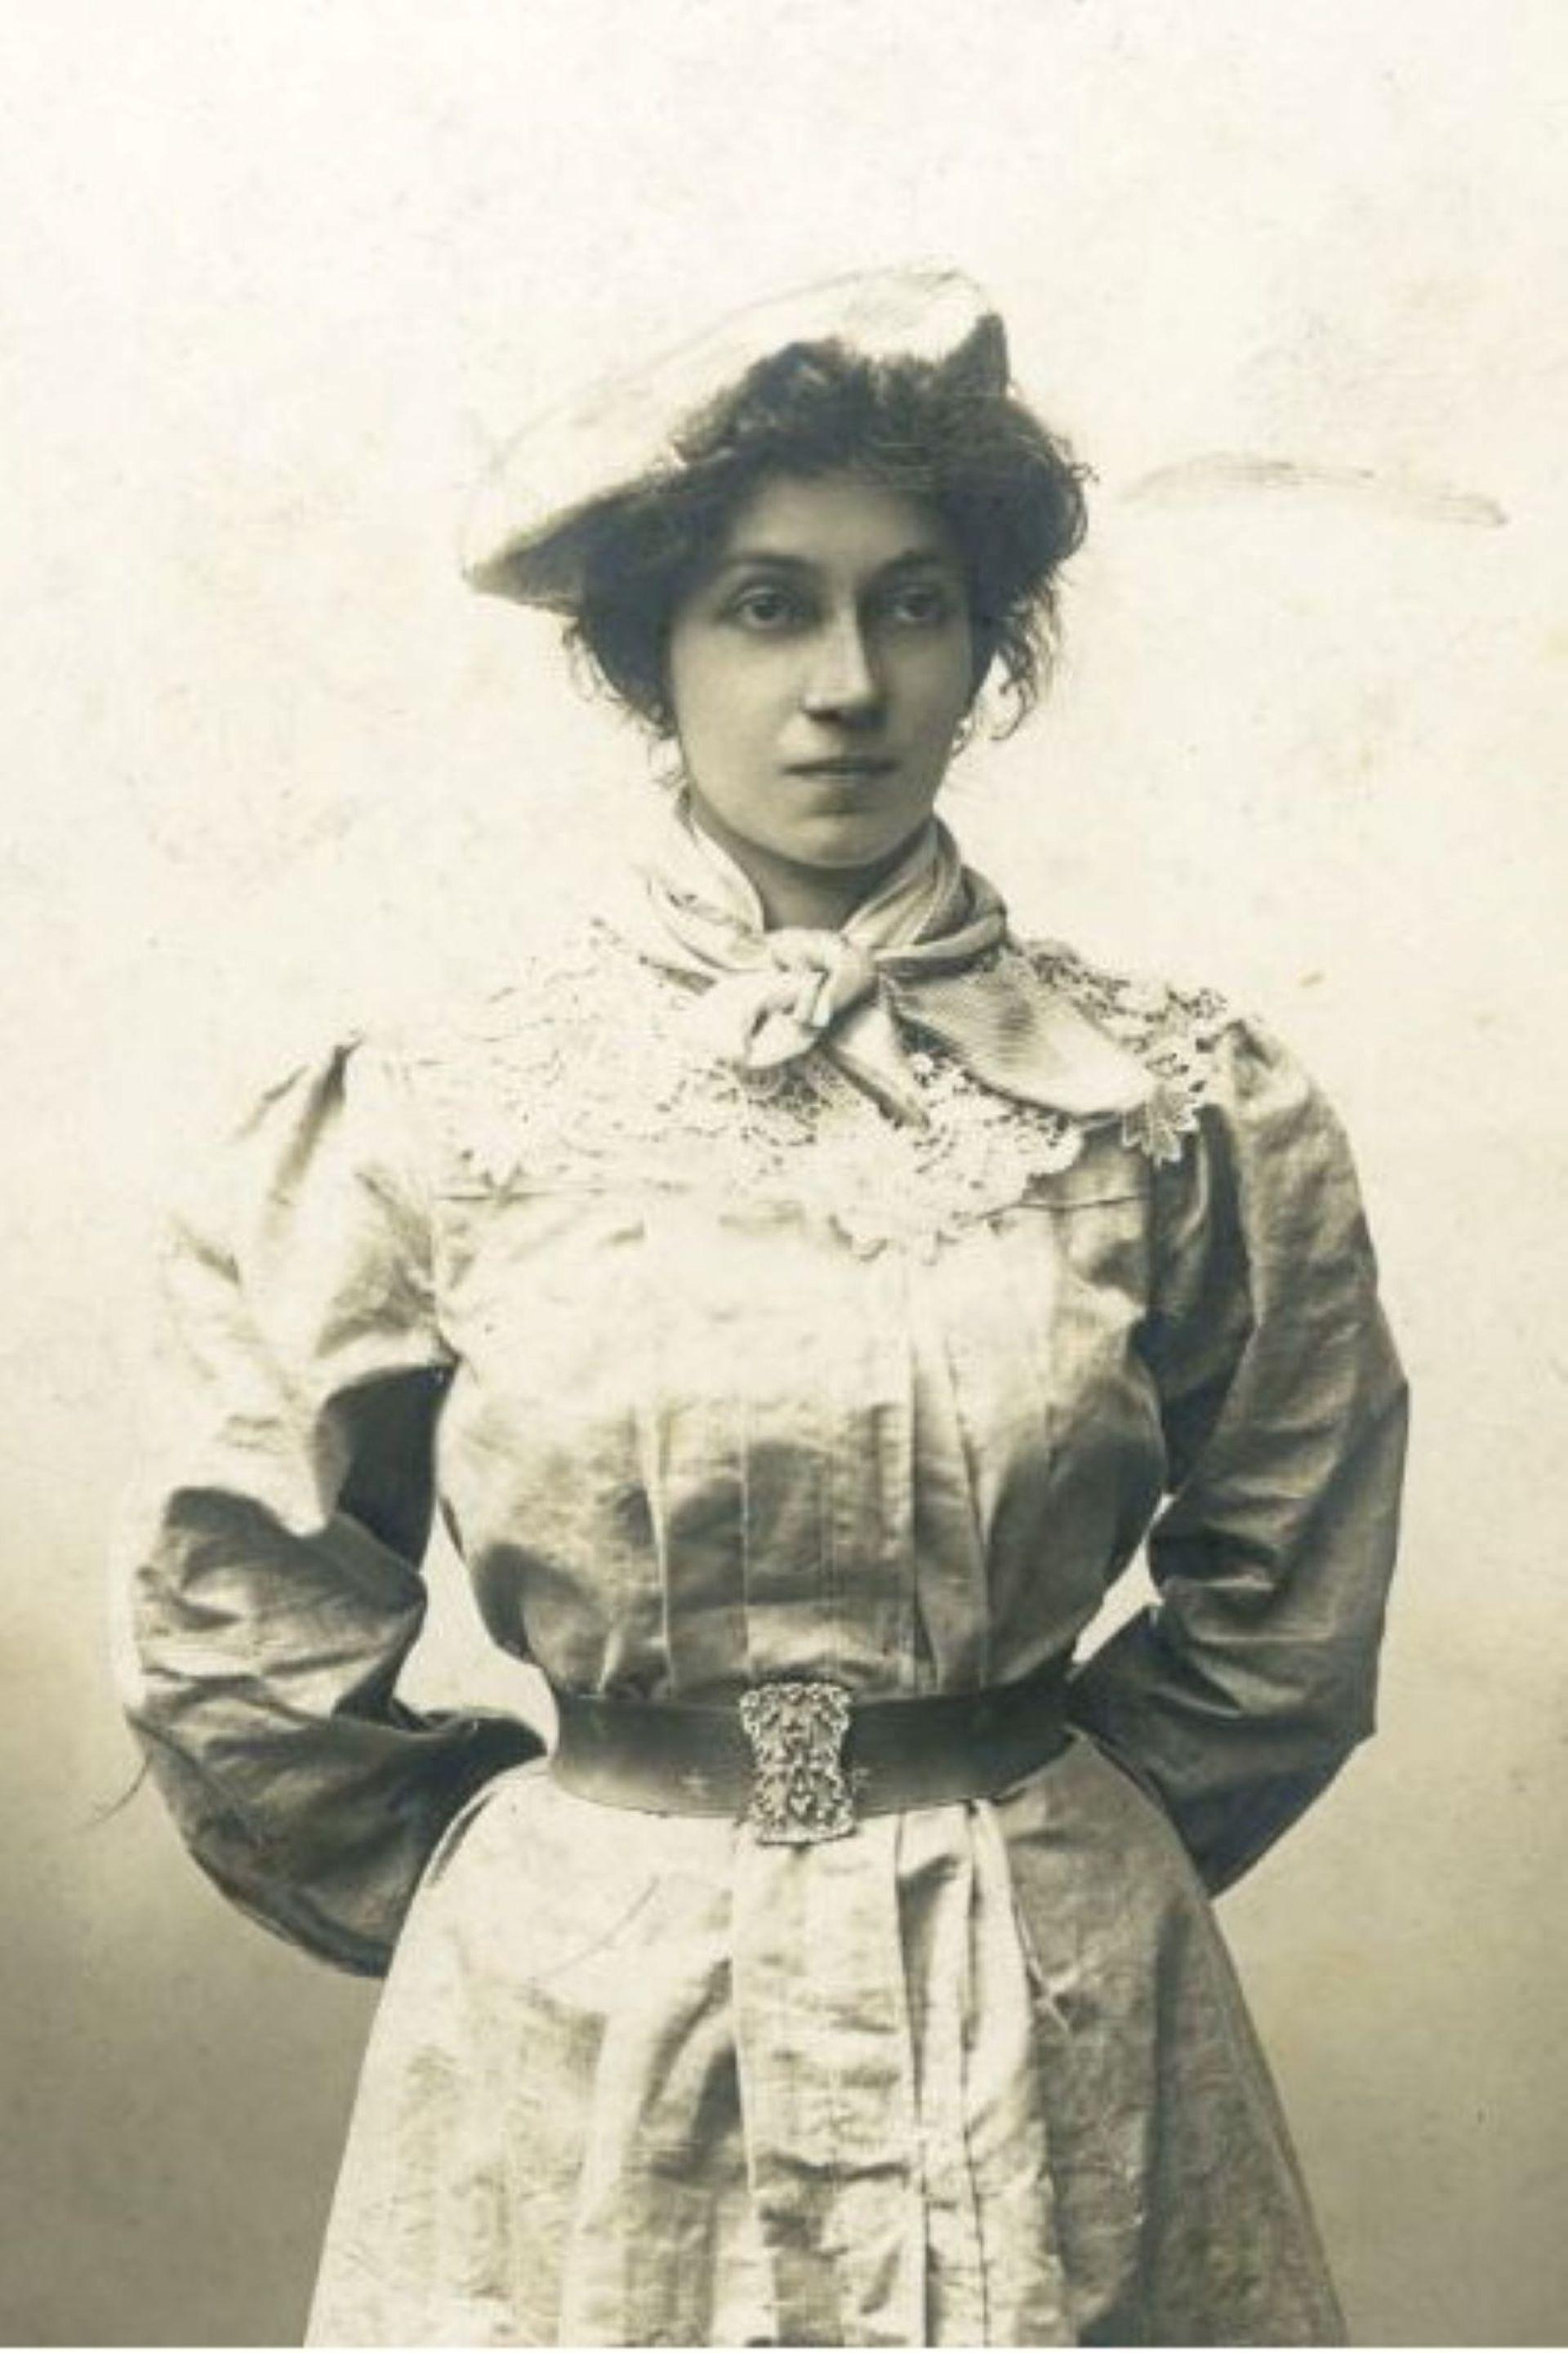 Lola Mora nació en 1867 y fue una adelantada para su época: estudió en Roma y se casó con un hombre muchos años menor